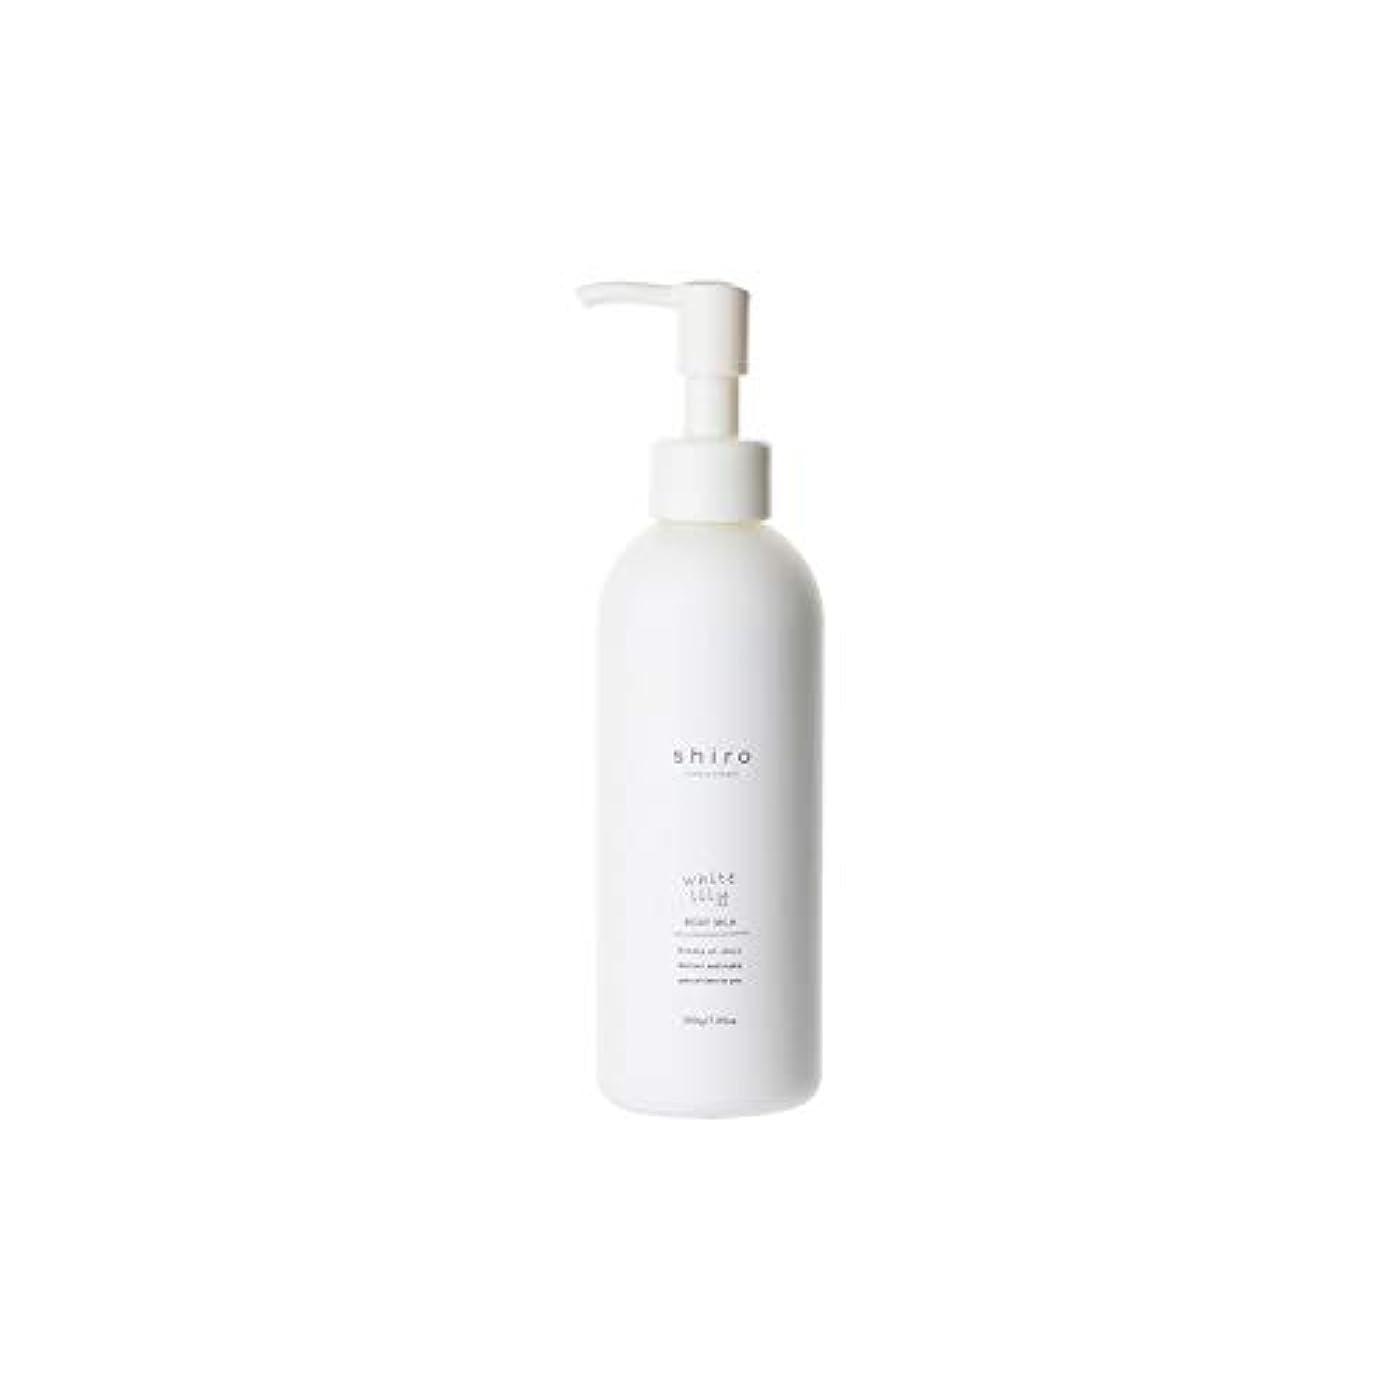 オンスボルト代数的shiro white lily ホワイトリリー ボディミルク 200g